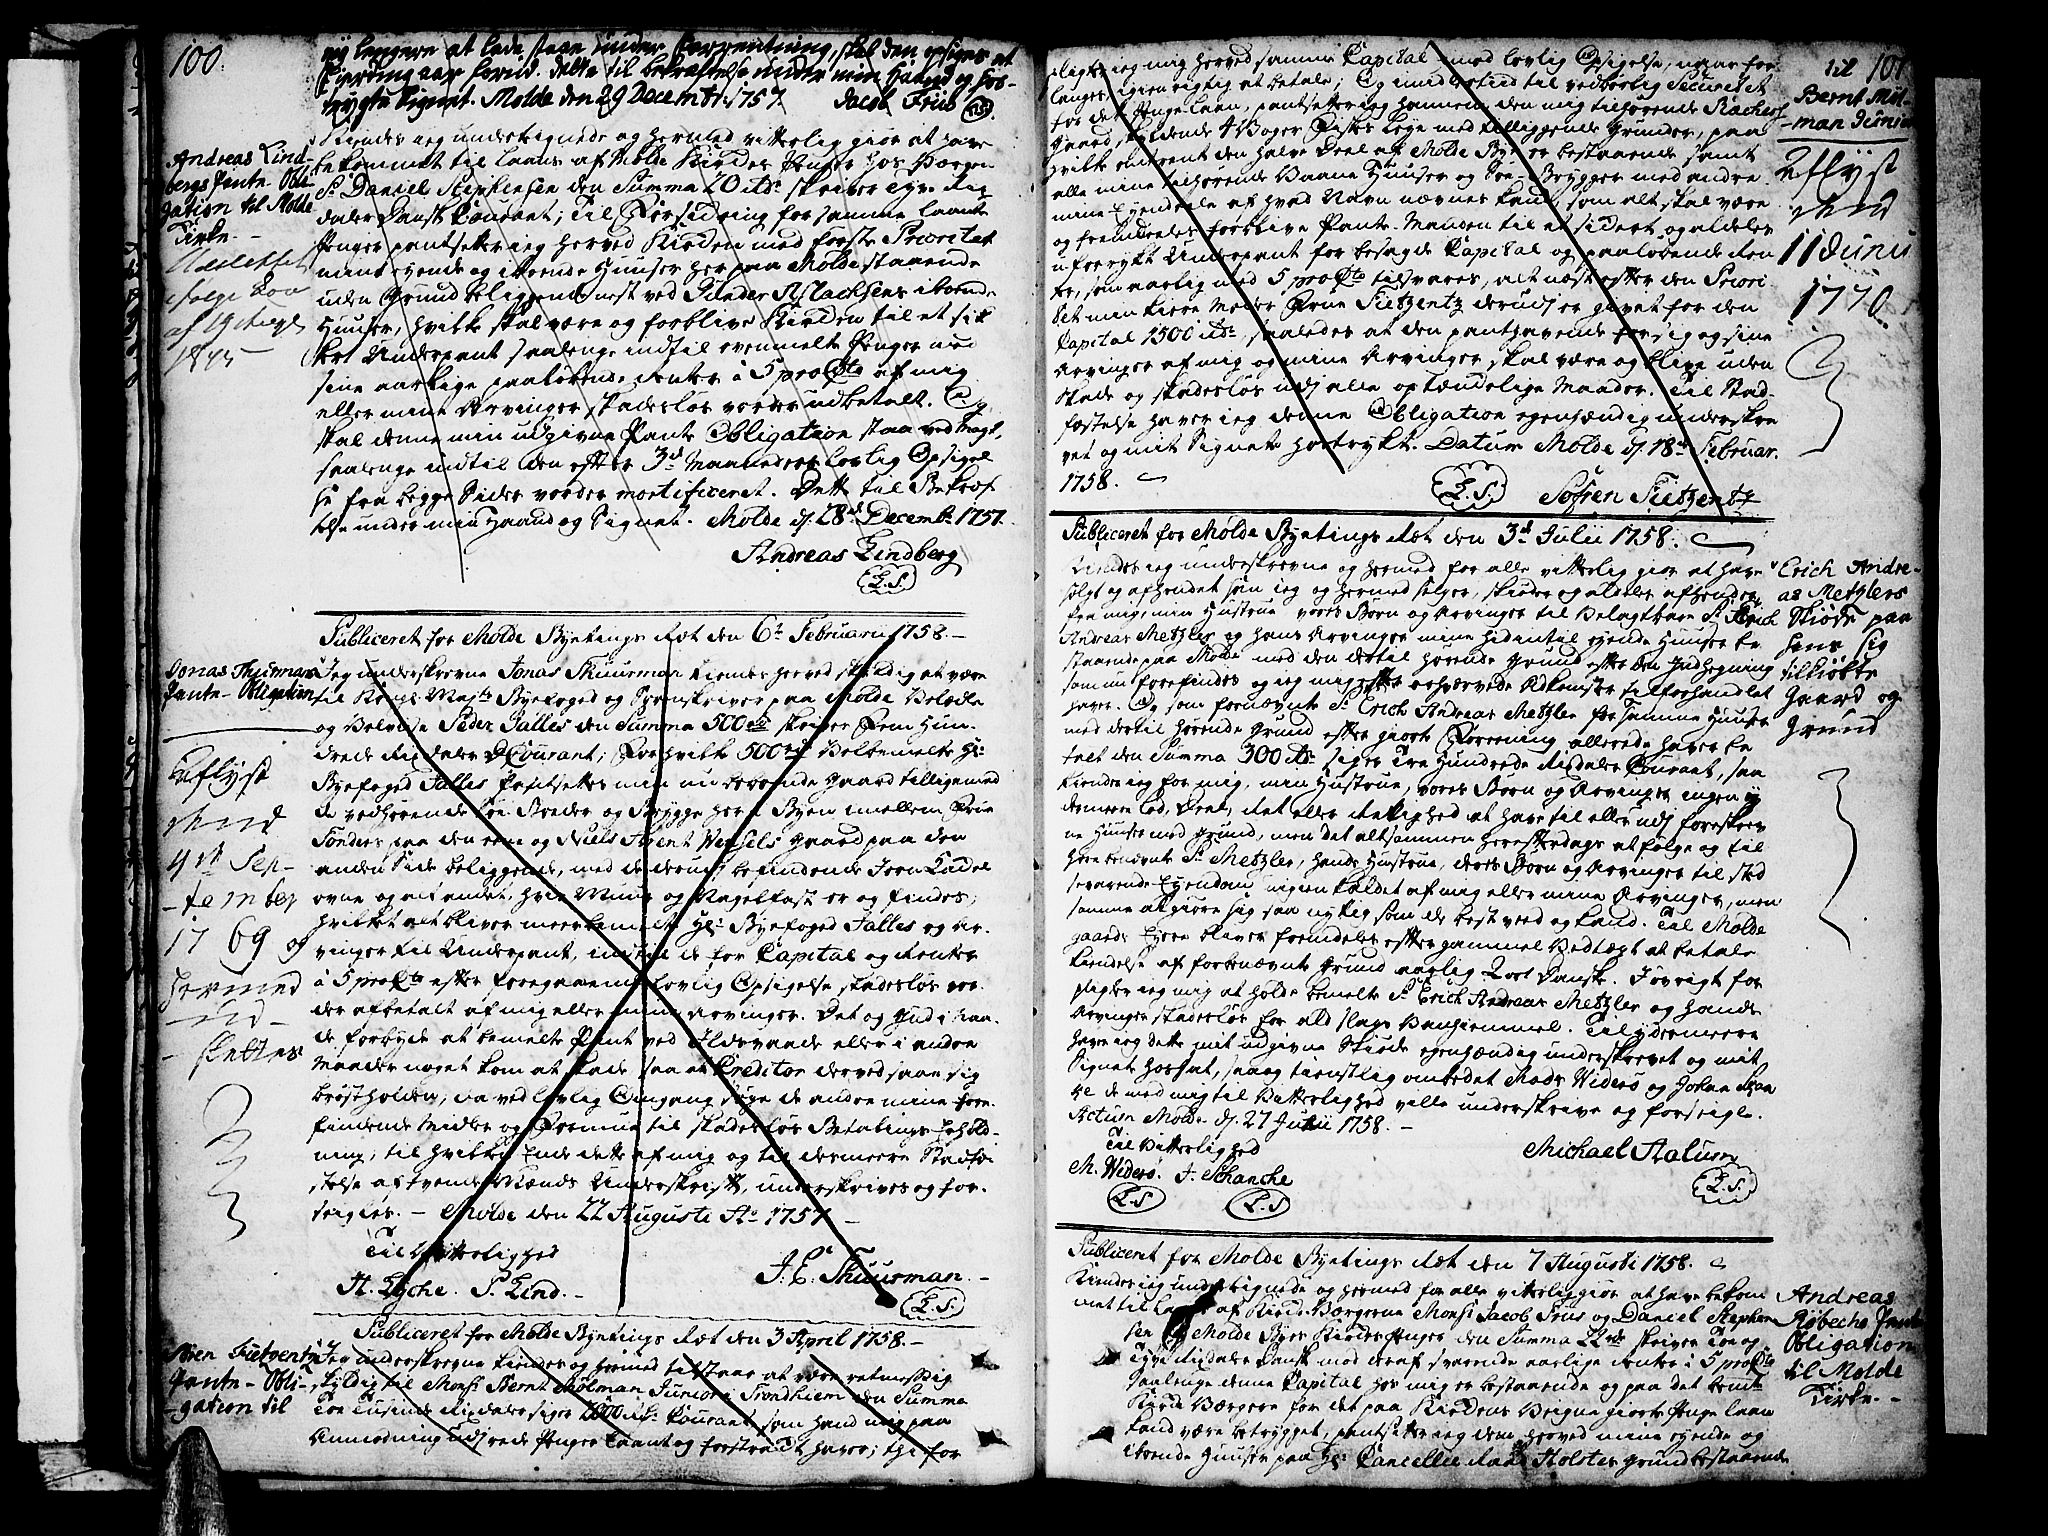 SAT, Molde byfogd, 2C/L0001: Pantebok nr. 1, 1748-1823, s. 100-101